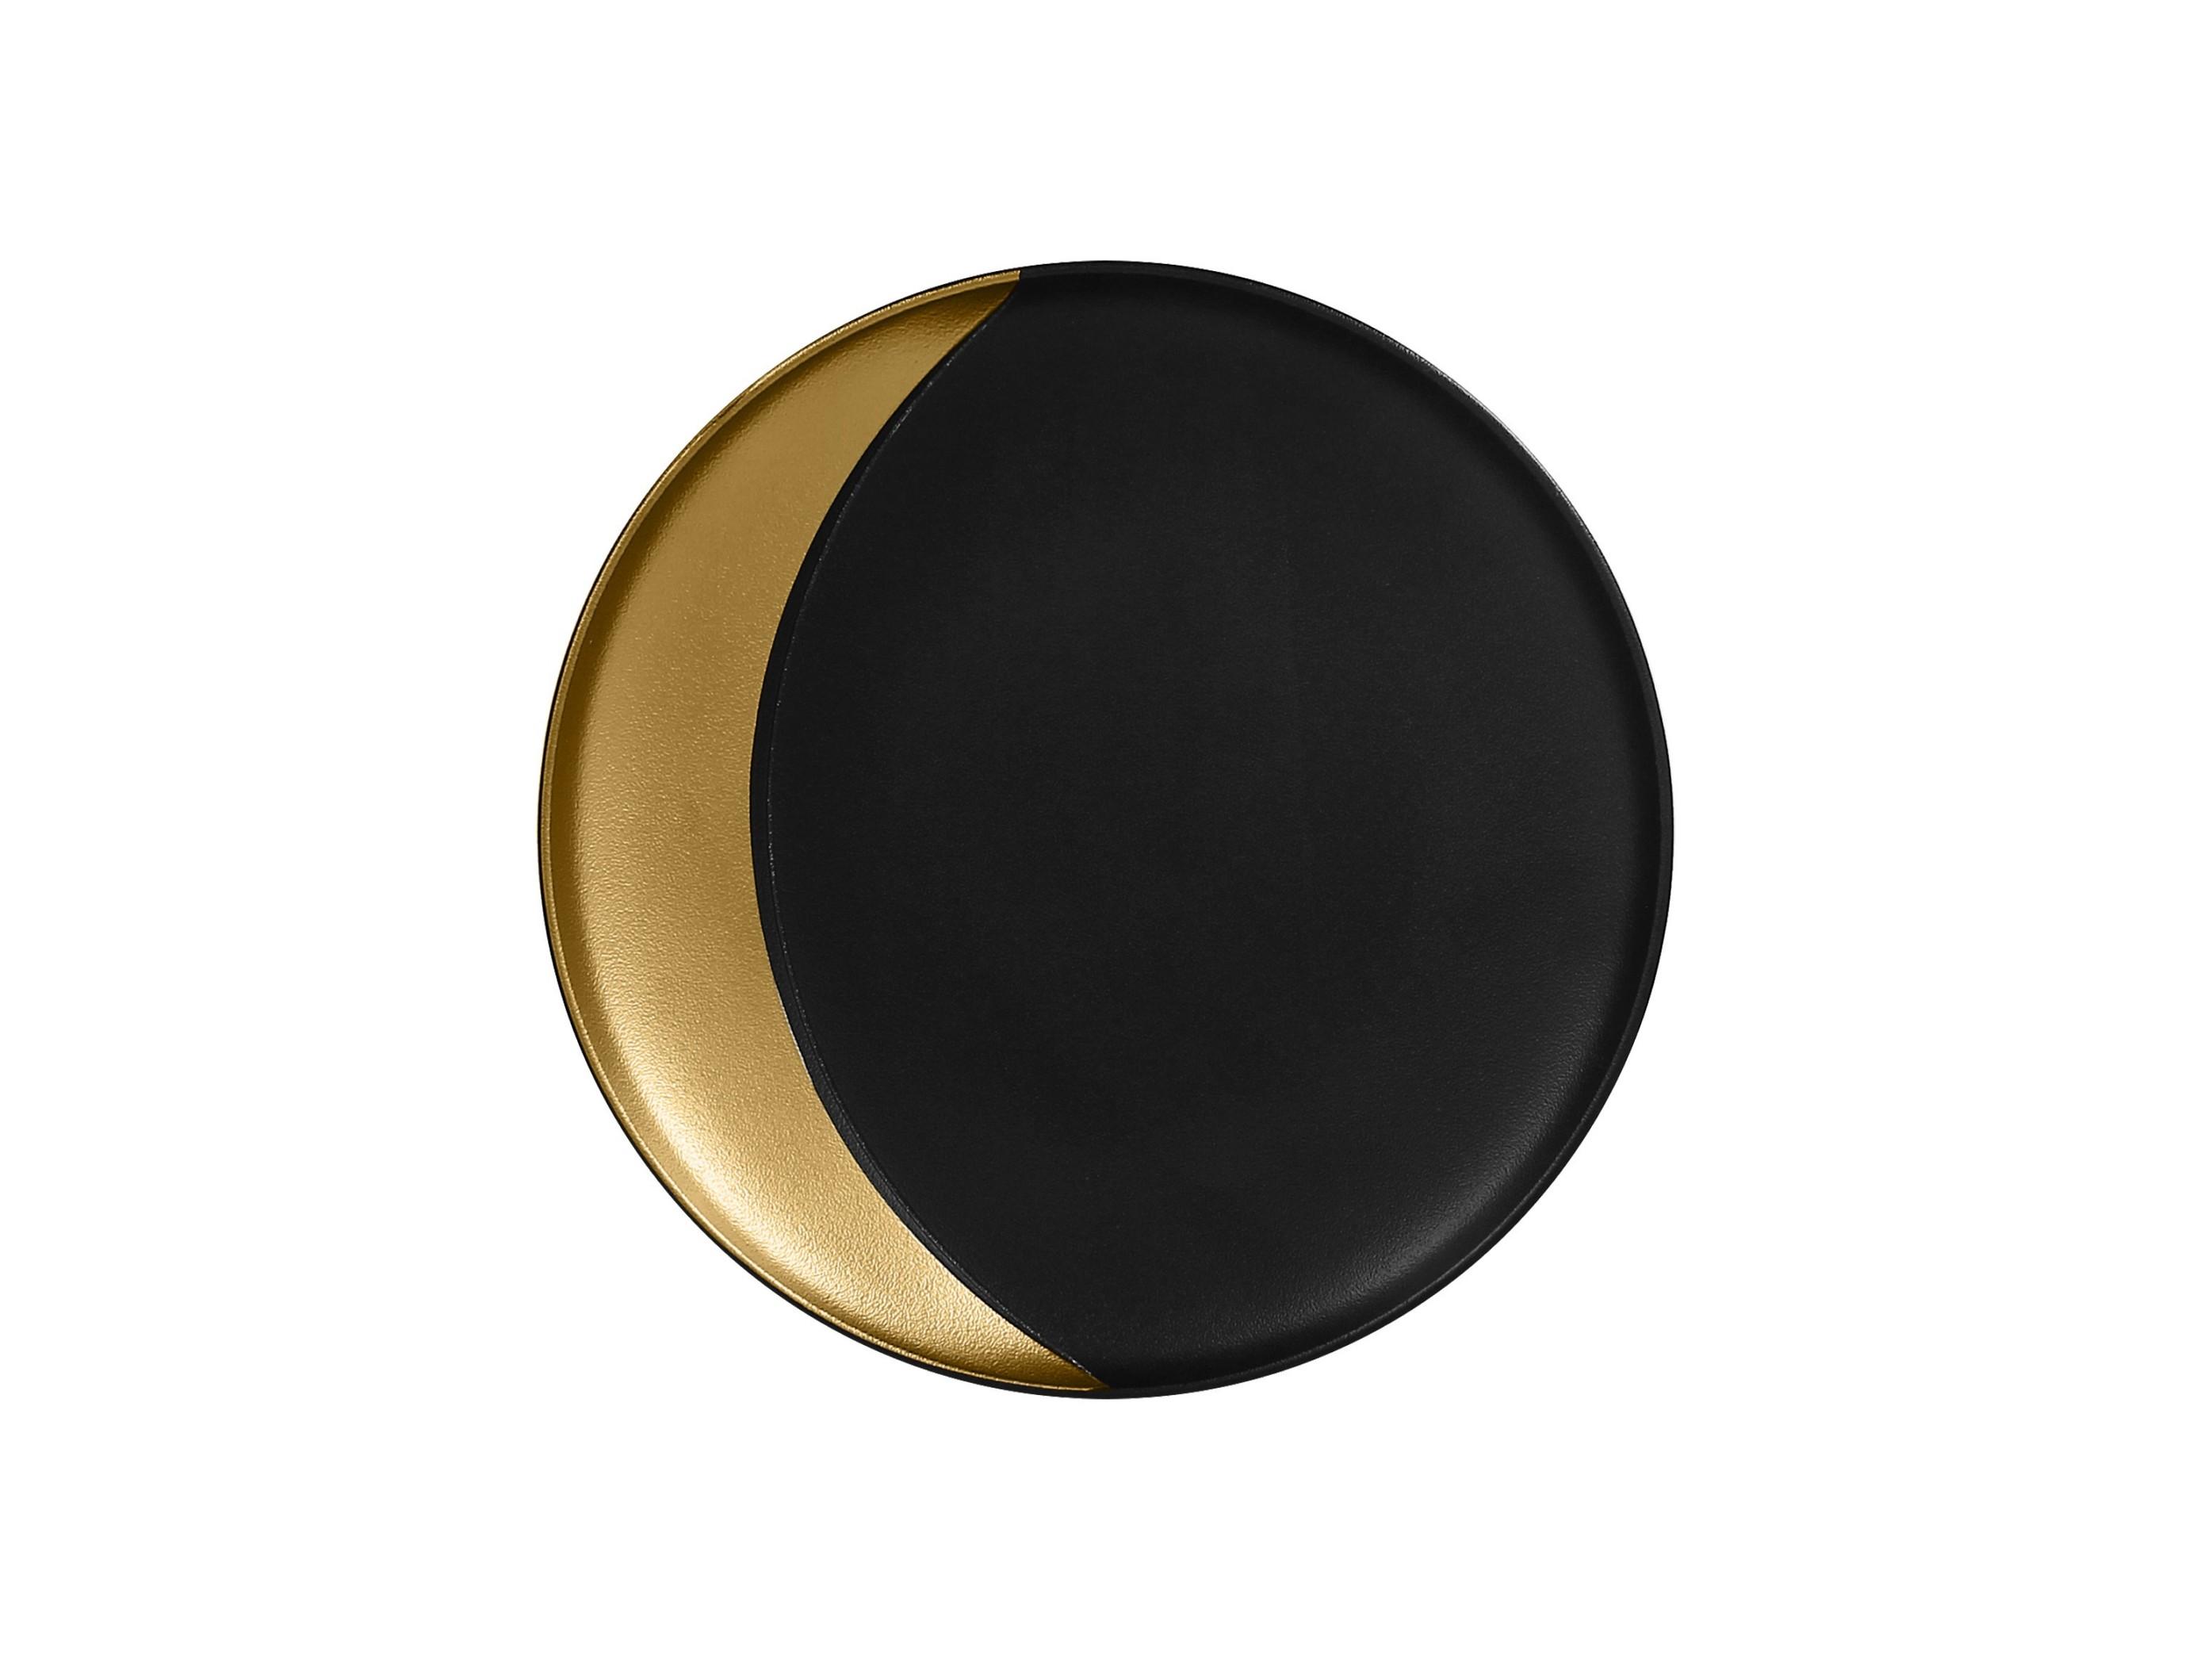 Metalfusion talíř hluboký pr. 27 cm, černo-zlatý